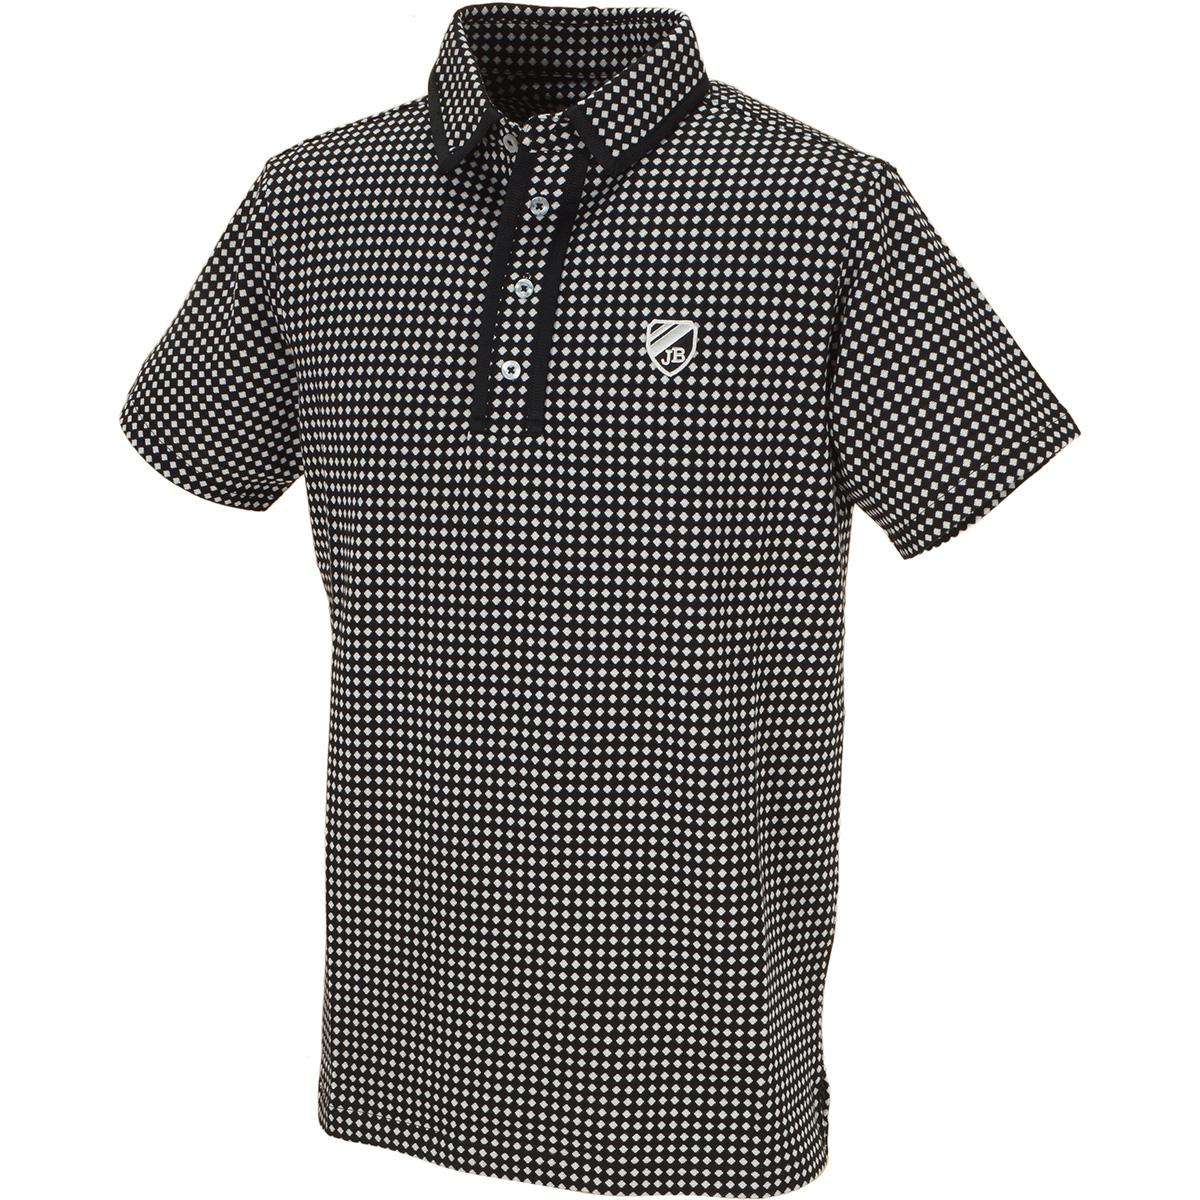 ドットジャカード 半袖ポロシャツ